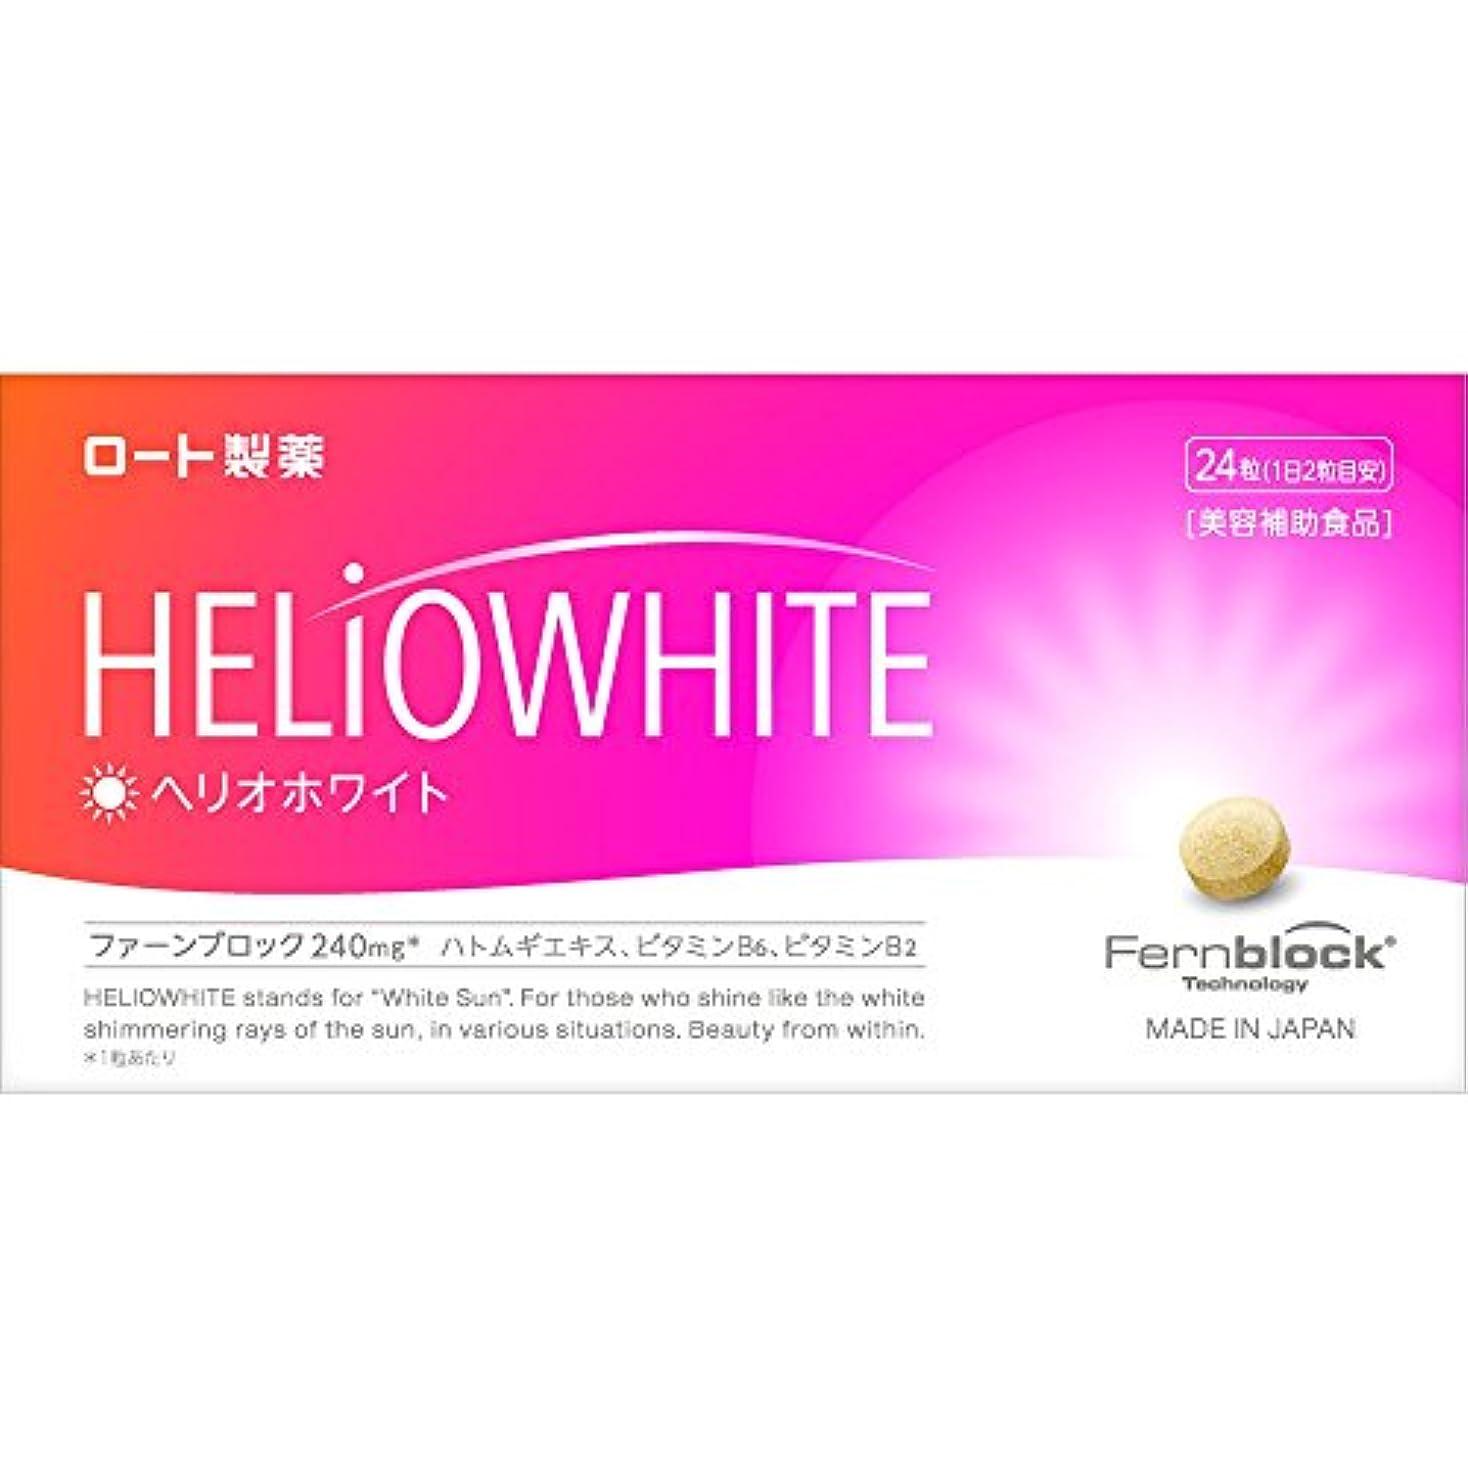 憂鬱そっと成果ロート製薬 ヘリオホワイト 24粒 シダ植物抽出成分 ファーンブロック Fernblock 240mg 配合 美容補助食品